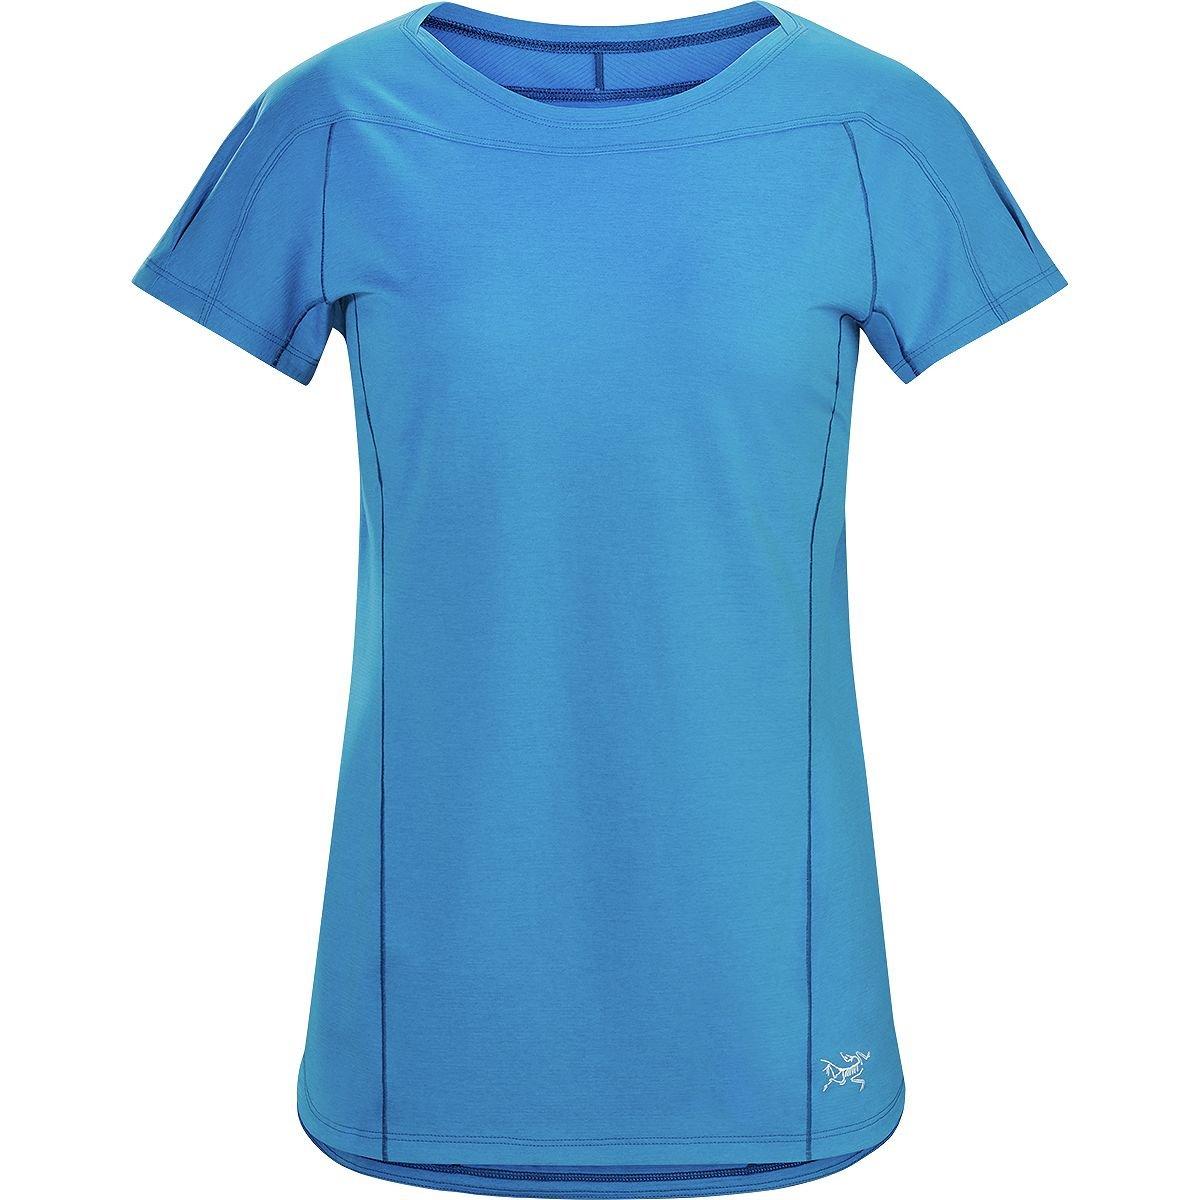 (アークテリクス) Arc'teryx Taema Crew Shirt - Women'sレディース バックパック リュック Macaw [並行輸入品] XL  B079FRF3Y1